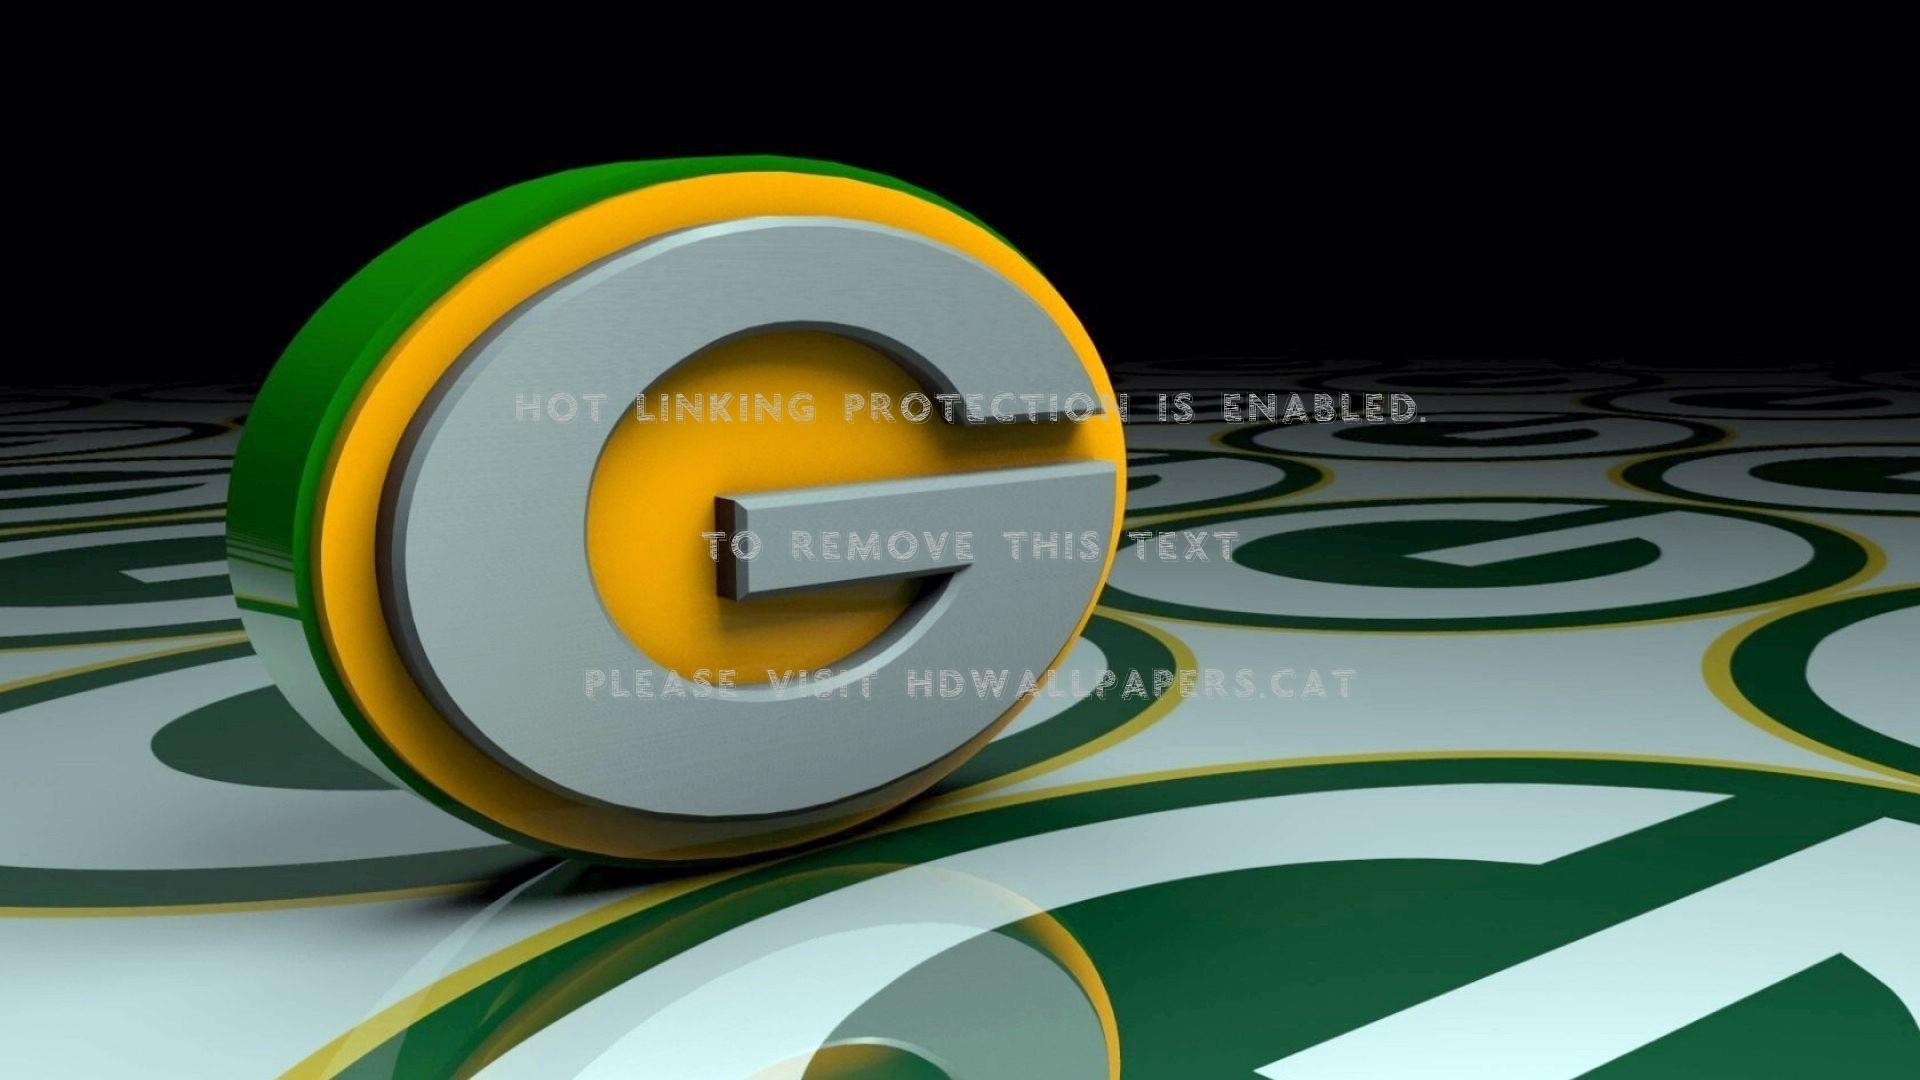 3d Green Bay Packers Wallpaper Sports Logo 3d Green Bay Packers 2900329 Hd Wallpaper Backgrounds Download